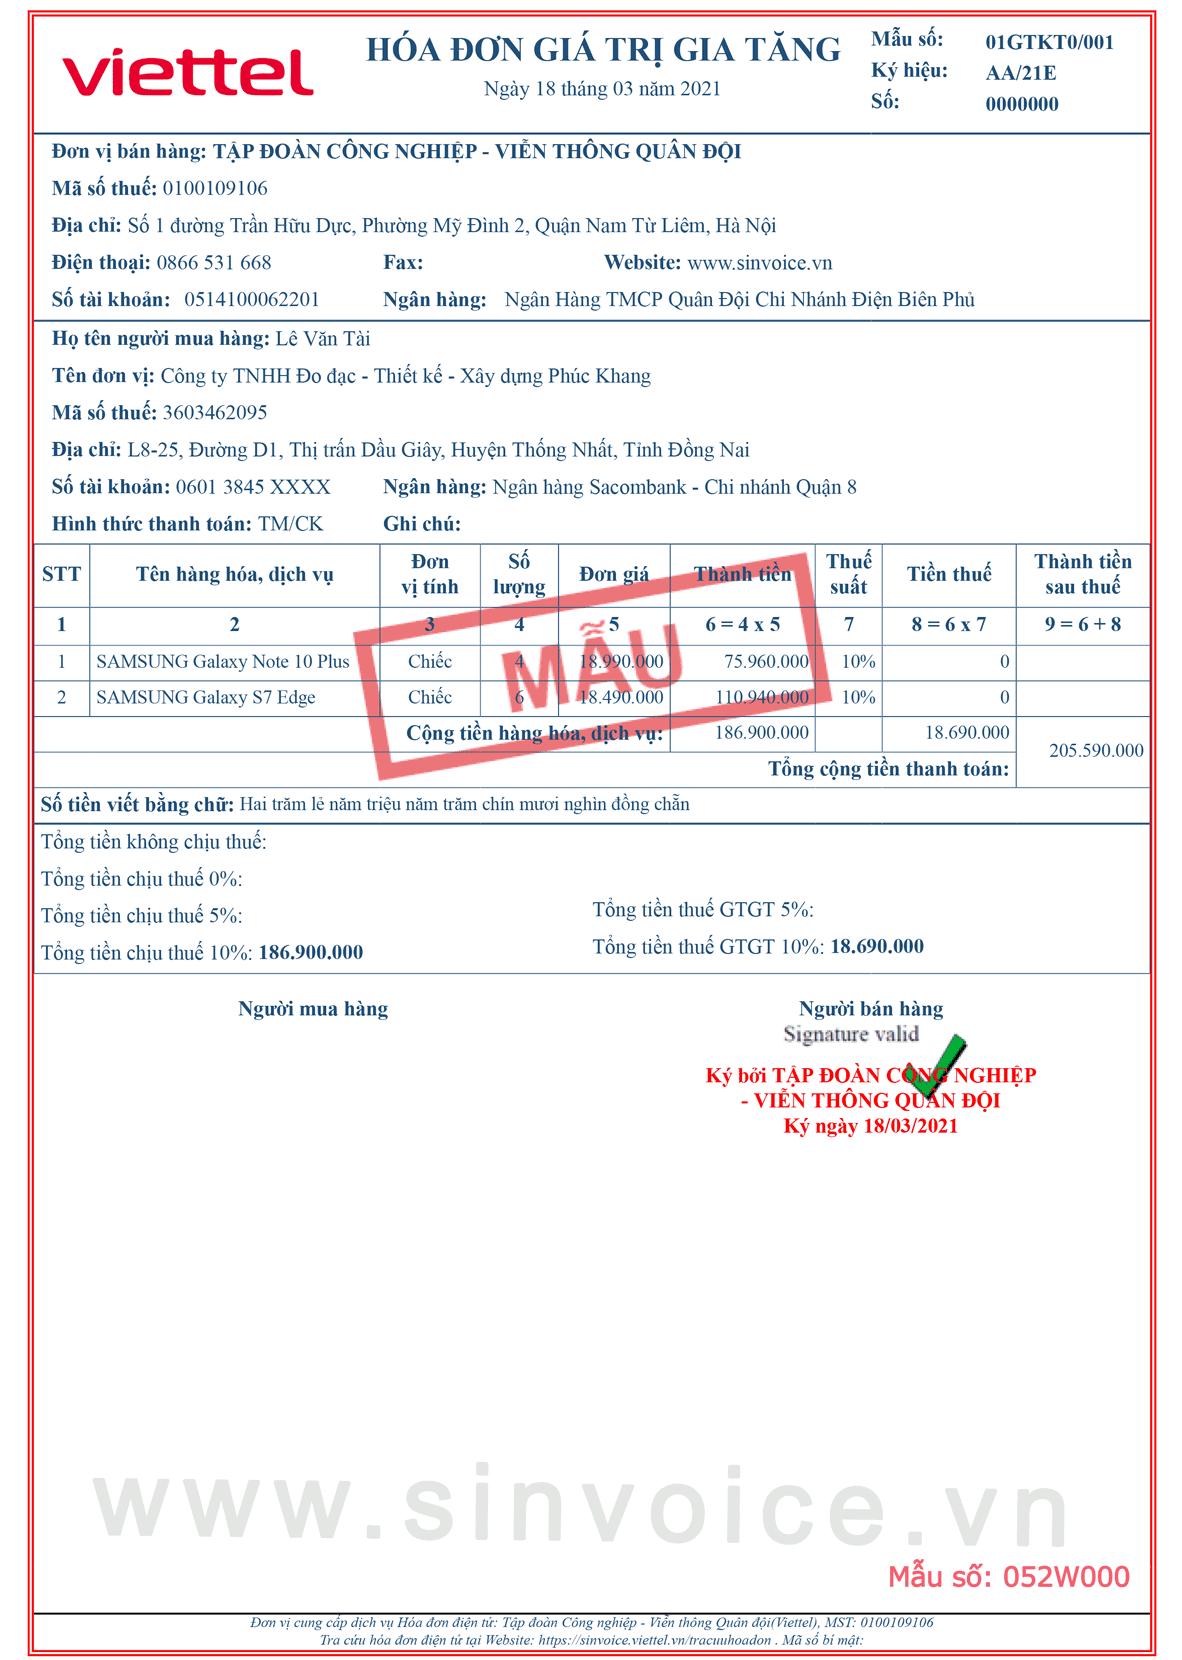 Mẫu hóa đơn điện tử số 052W000